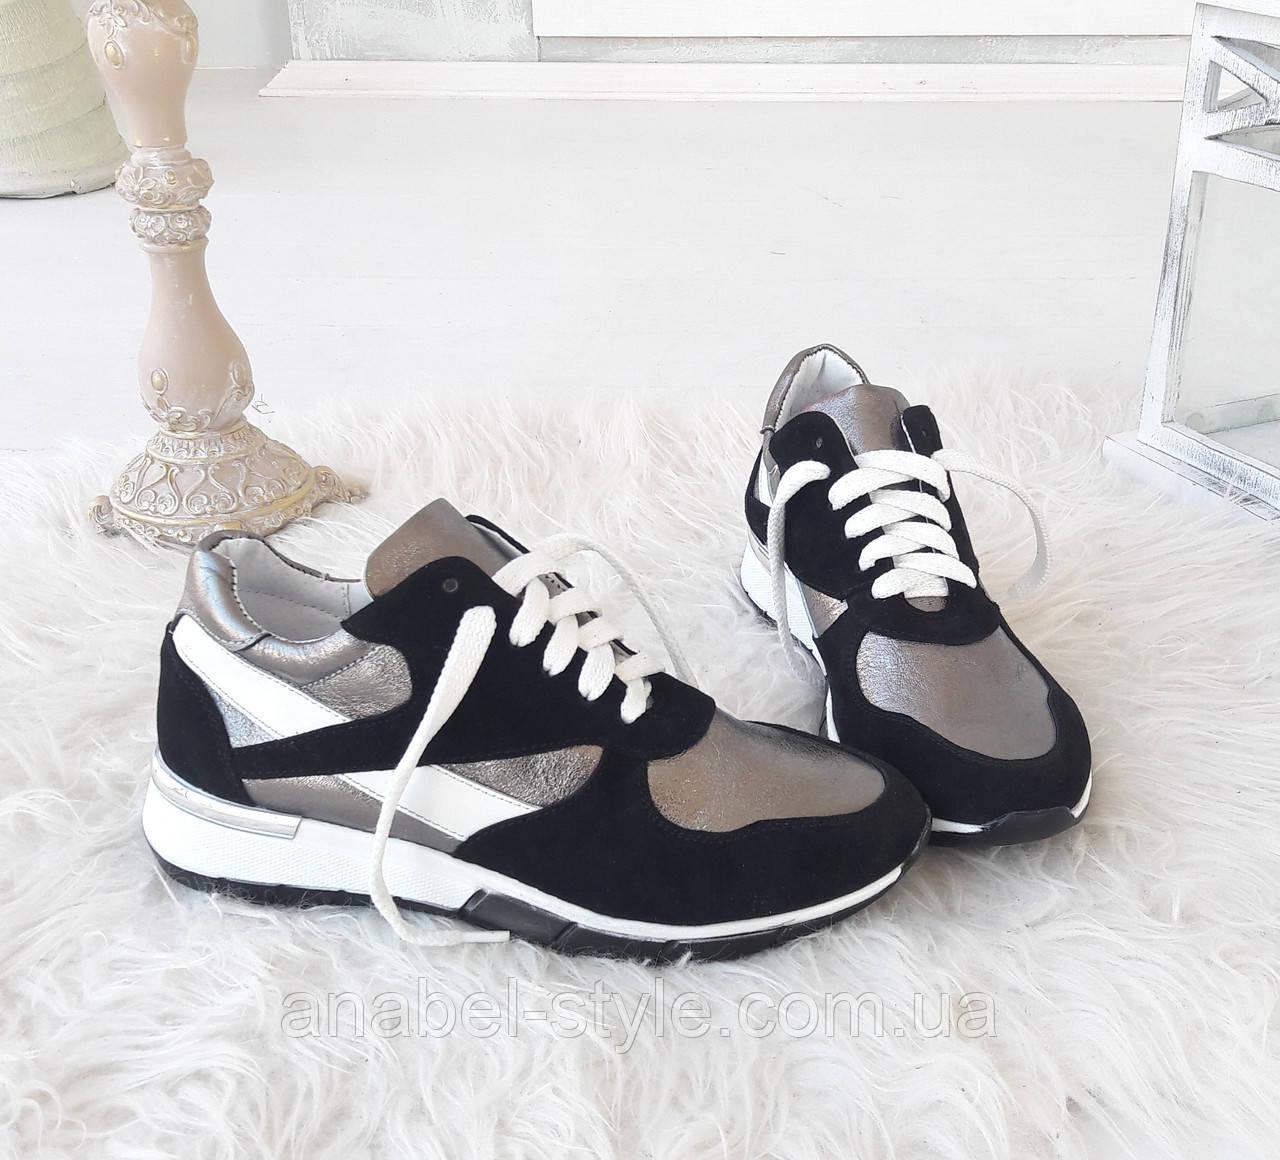 Кроссовки женские стильные из натуральной замши и кожи на шнуровке цвета белый+черный+серый Код 1513 AR